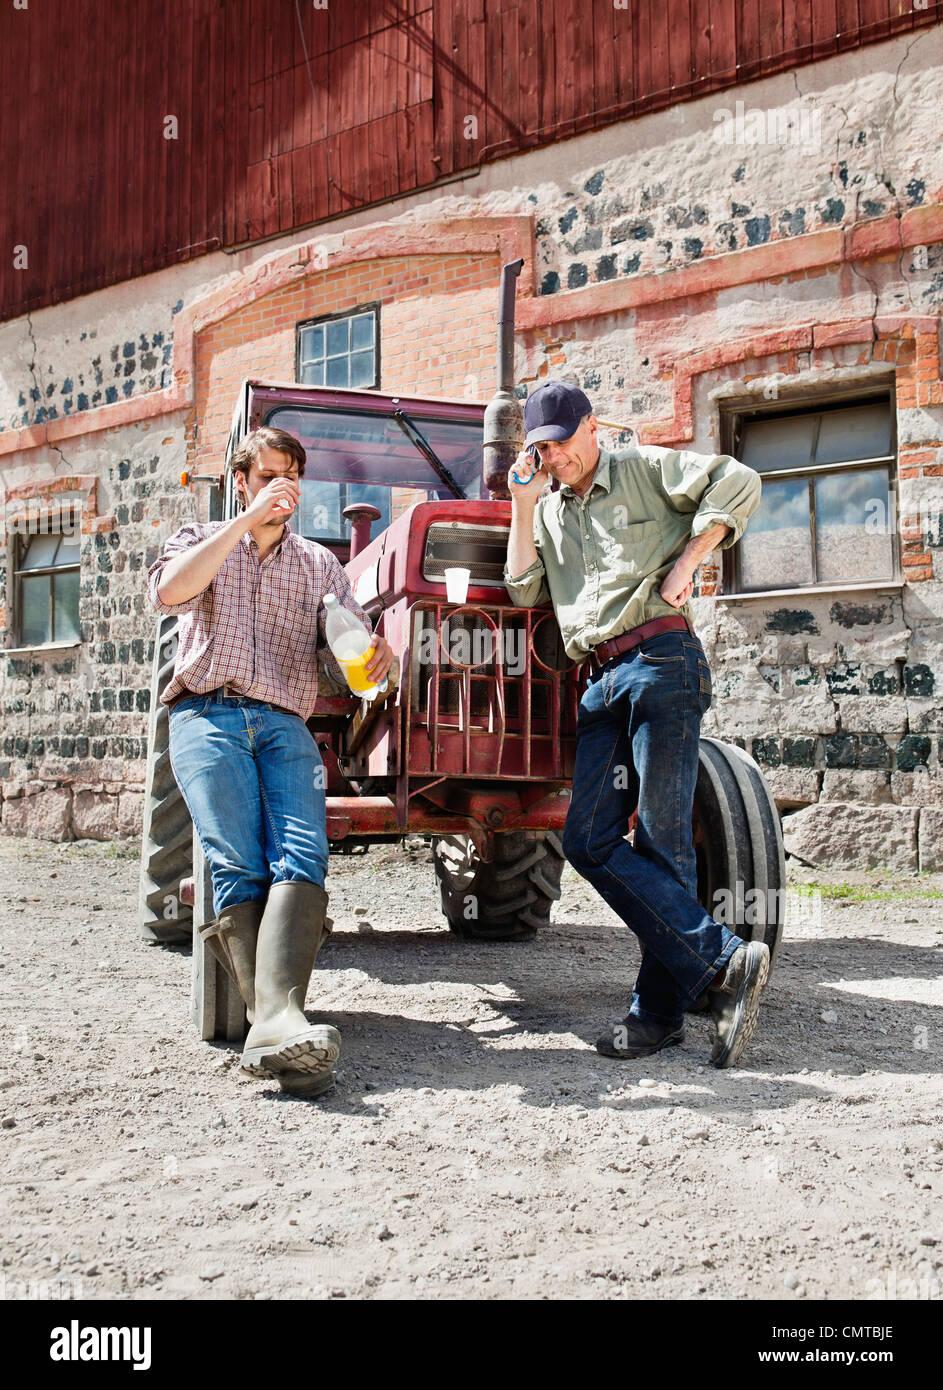 Männer stützte sich auf Traktor gegen Bauwerke Stockbild